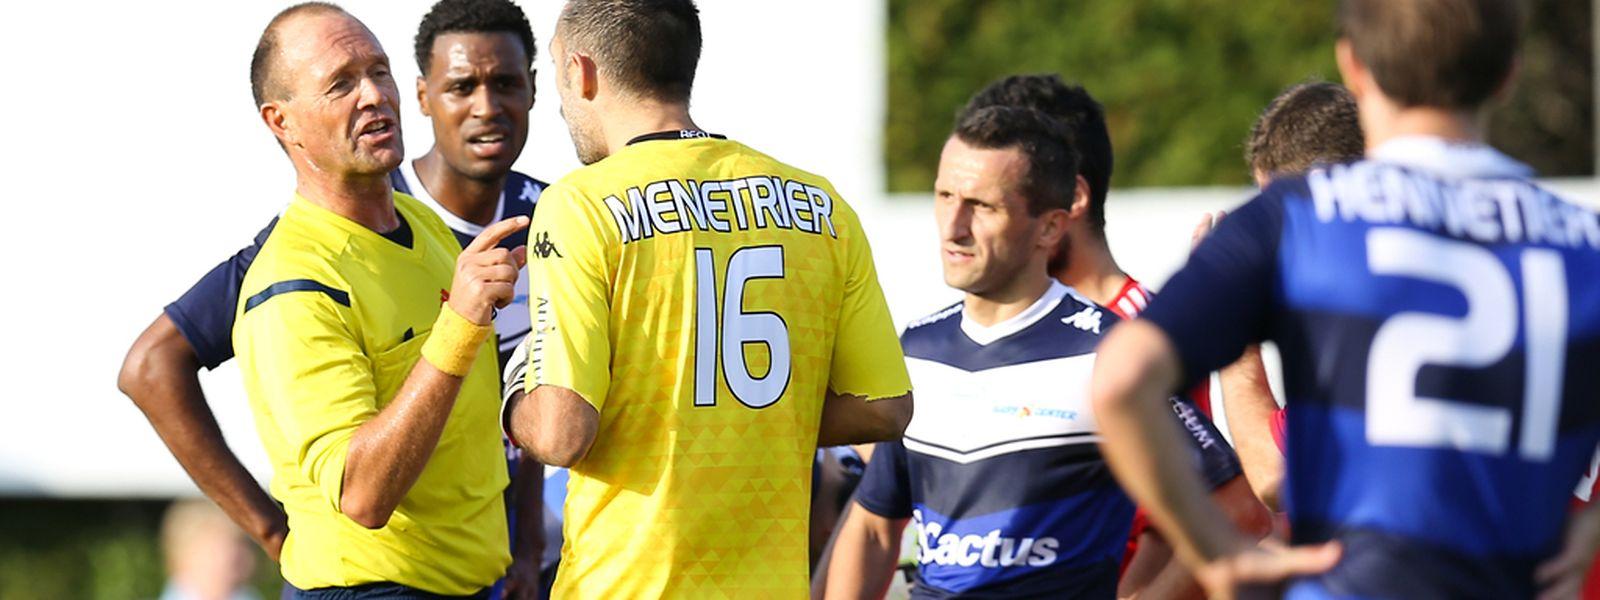 Le RFCUL de Mickaël Ménétrier retrouve le RM Hamm Benfica en Coupe, face à qui le portier du Verlorenkost avait été exclu en championnat de PH le 19 octobre dernier